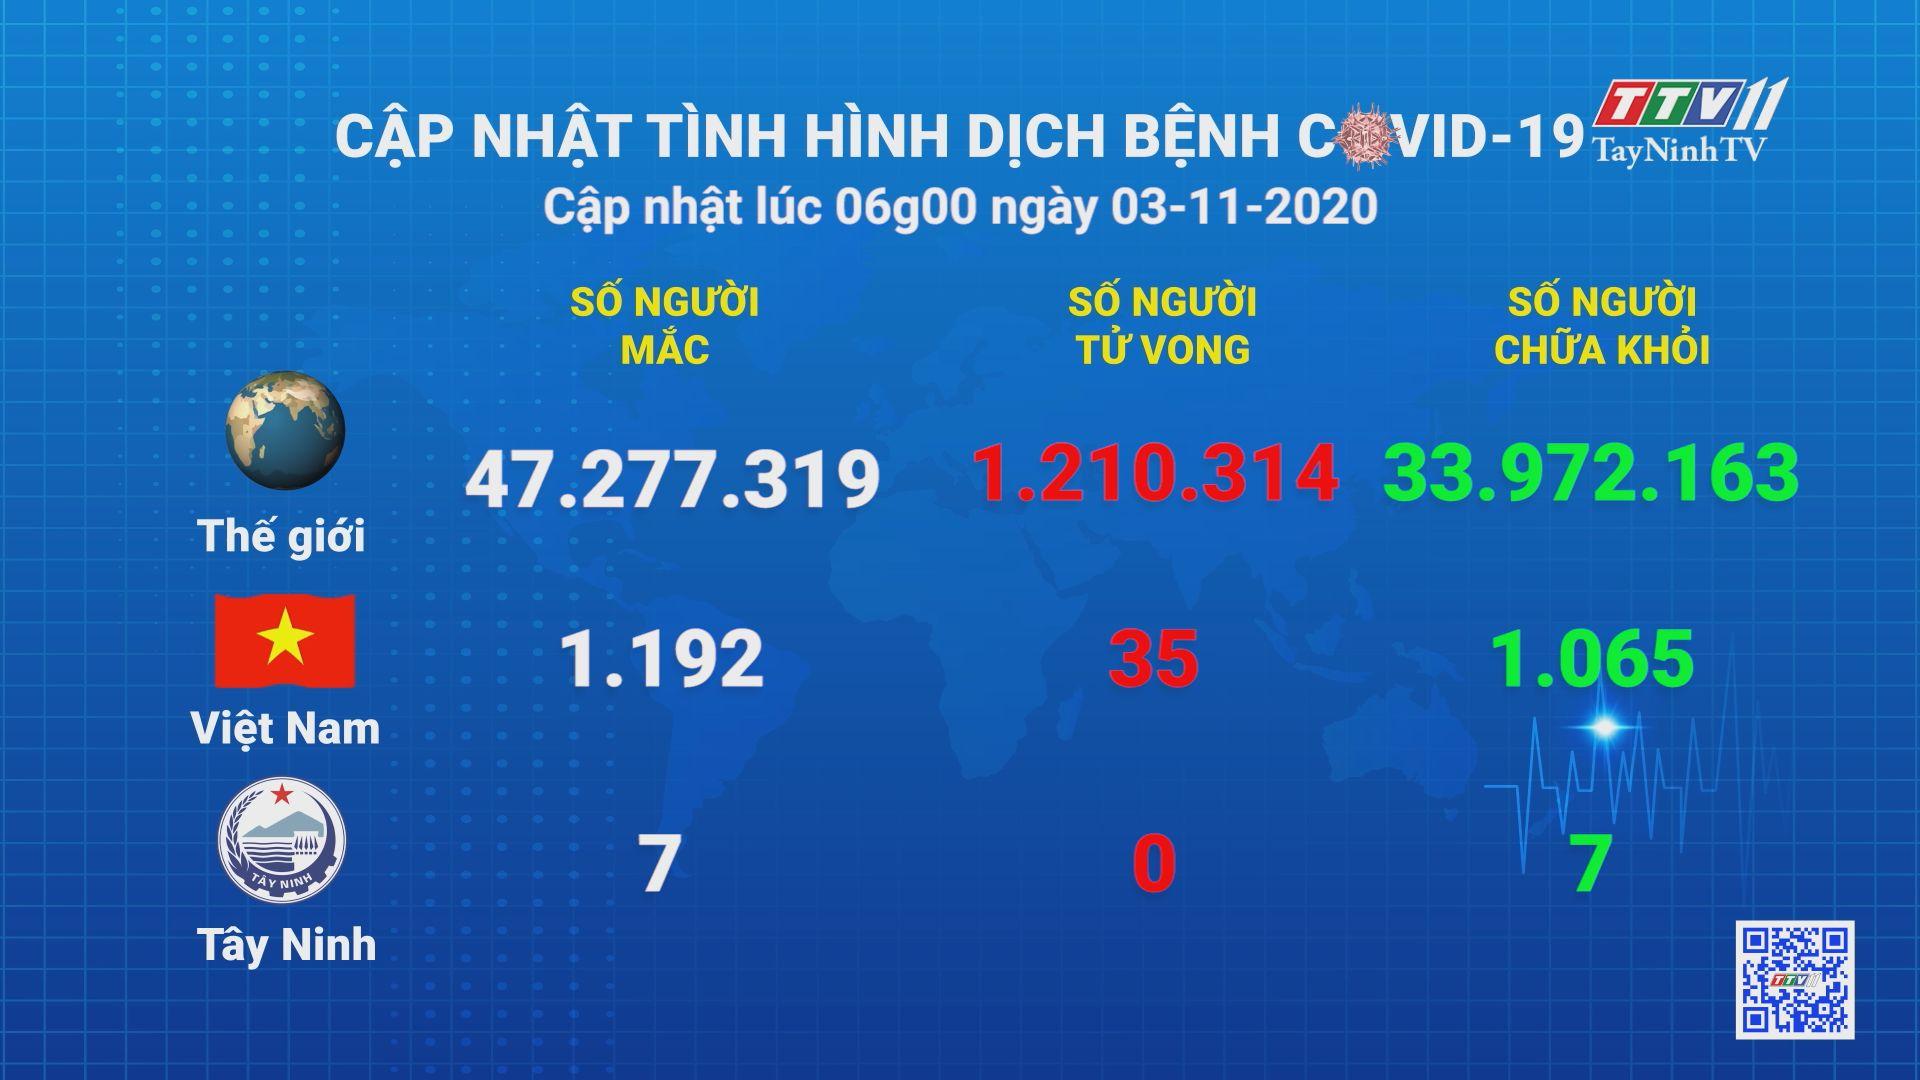 Cập nhật tình hình Covid-19 vào lúc 06 giờ 03-11-2020   Thông tin dịch Covid-19   TayNinhTV